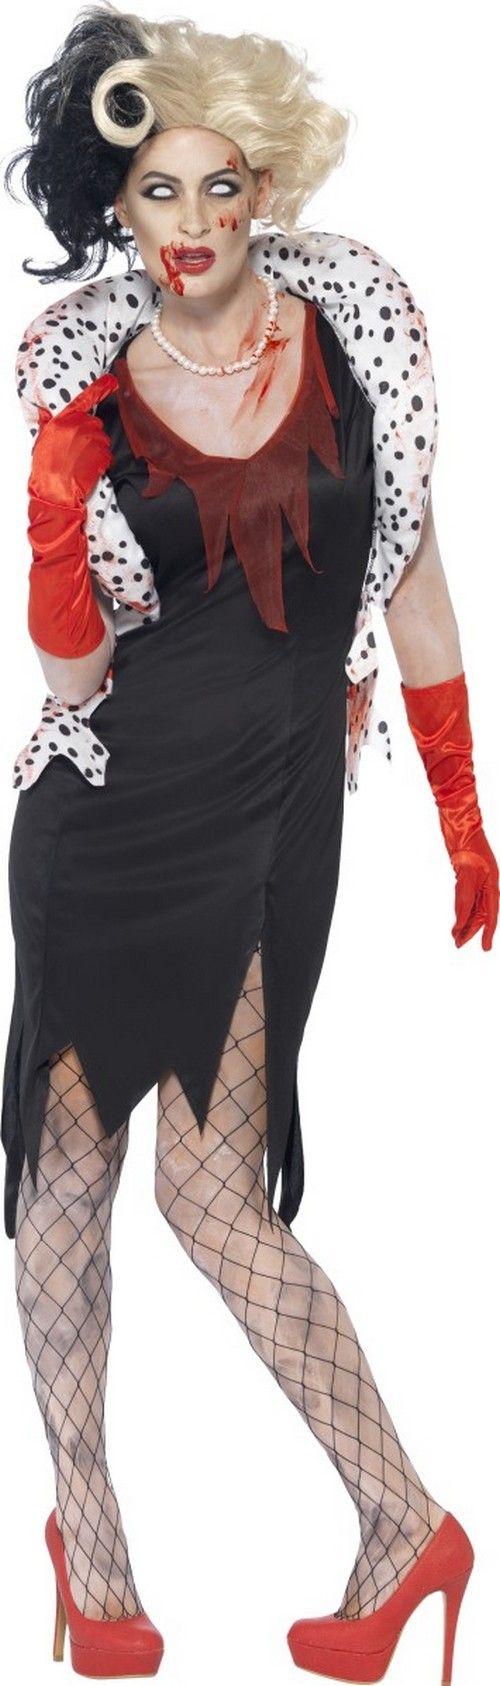 Disfraz zombie dama cruel mujer Halloween: Este disfraz de mujer zombie cruel está formado por un vestido, un bolero, un par de guantes y un collar (peluca, lentillas, medias y zapatos no incluidos).El vestido es de color negro con los...